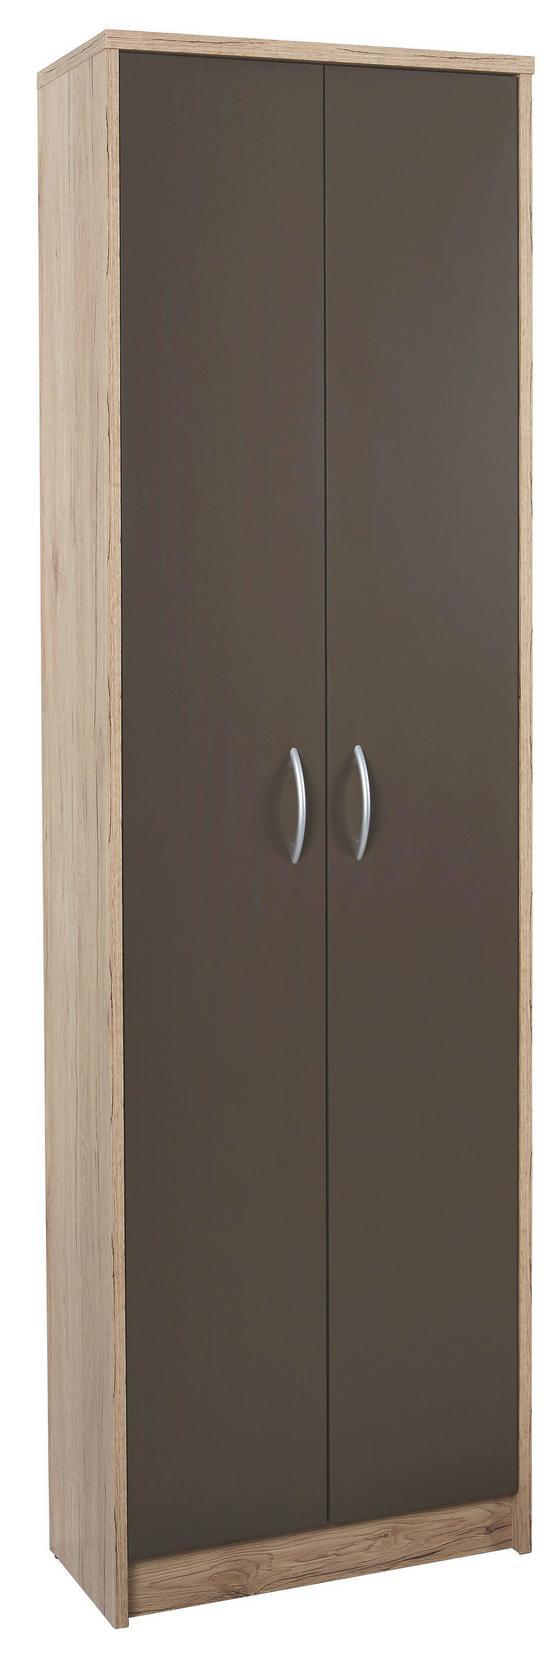 Skříň Šatní Iza - barvy dubu/hnědá, Konvenční, dřevěný materiál (55/190/26cm)